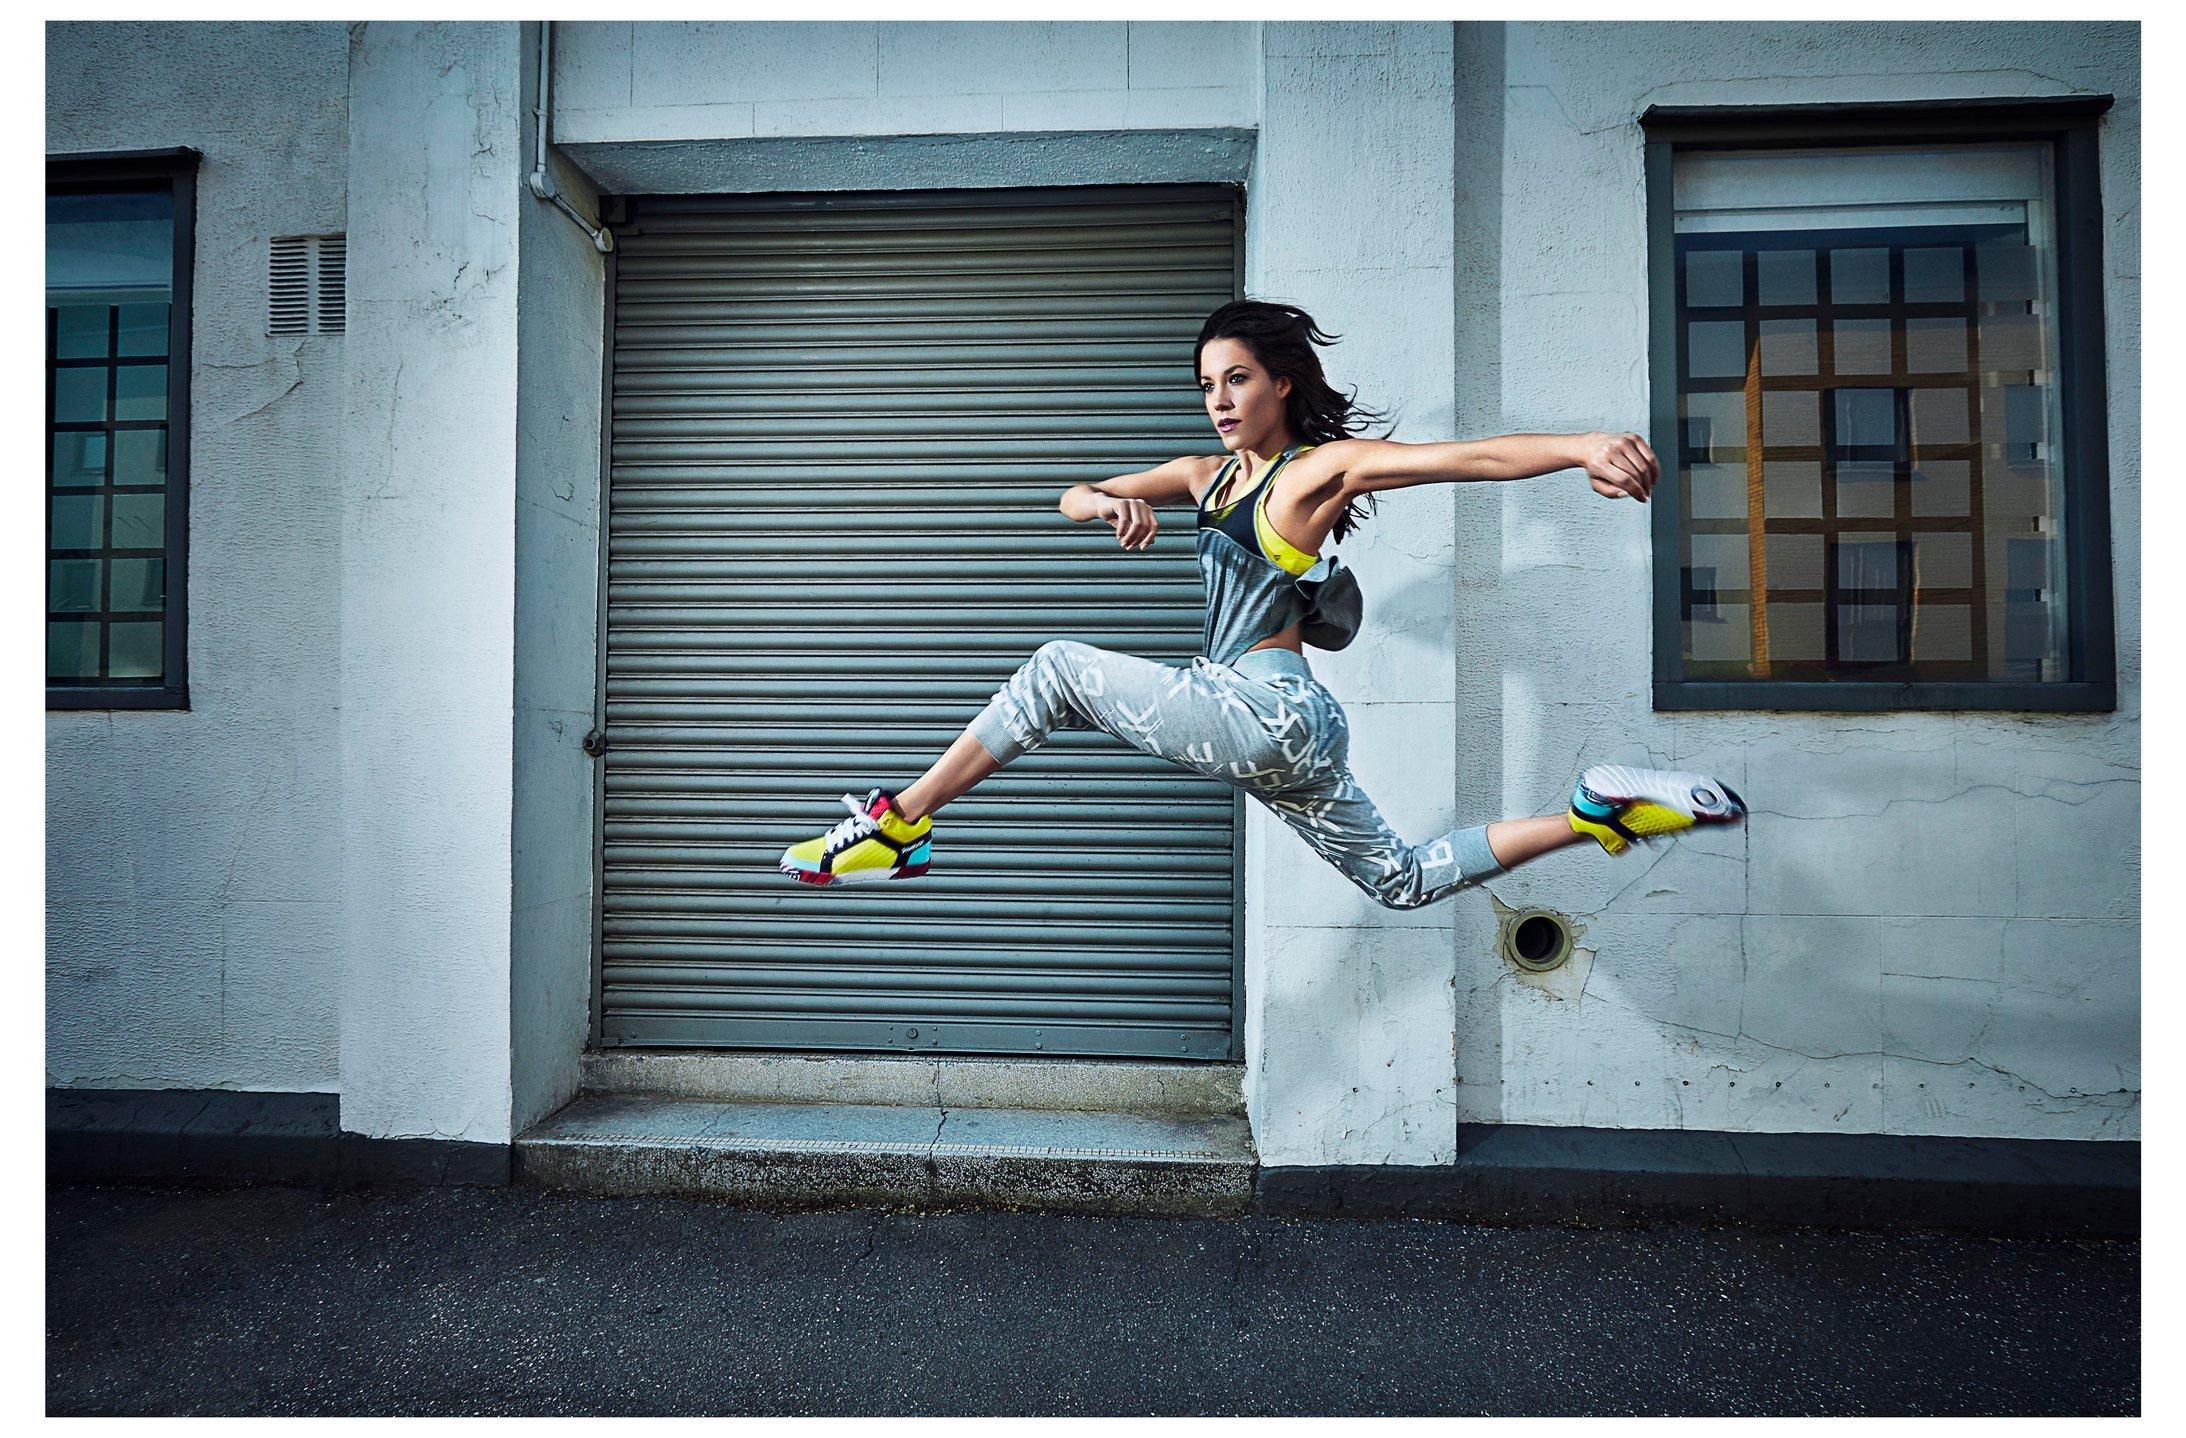 150515_Health&Fitness_FS_157 f1.jpeg